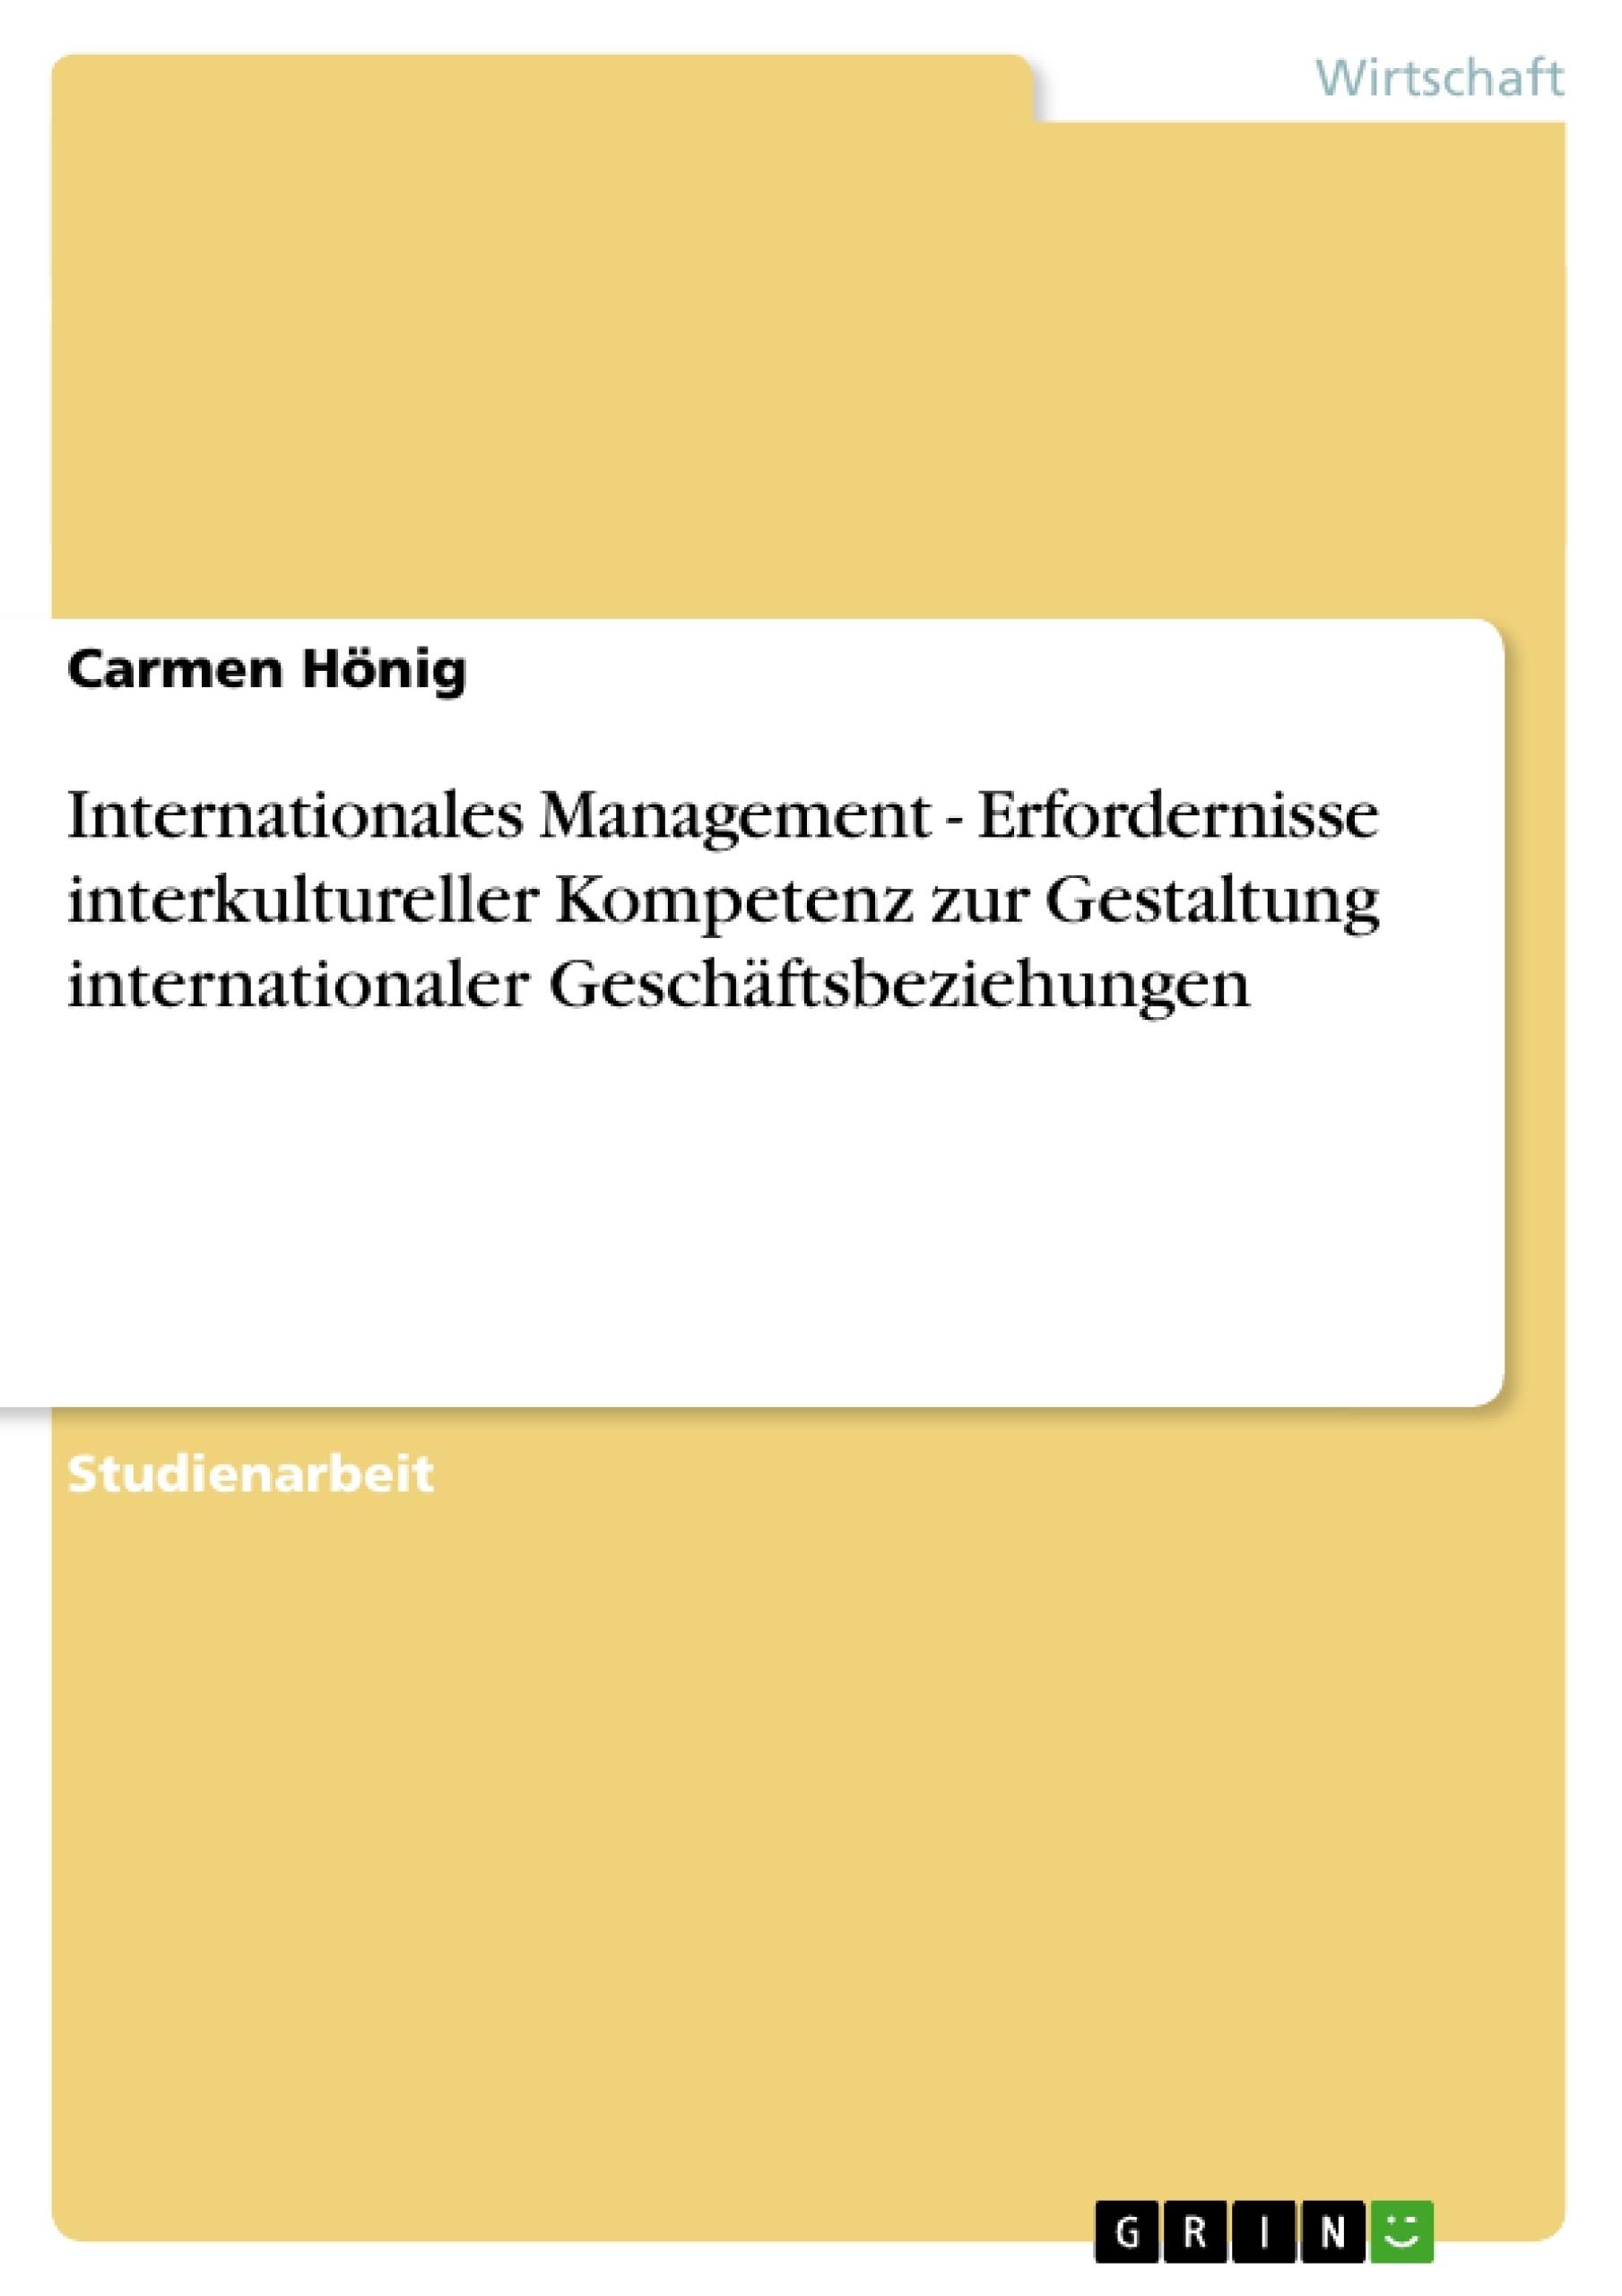 Titel: Internationales Management - Erfordernisse interkultureller Kompetenz zur Gestaltung internationaler Geschäftsbeziehungen